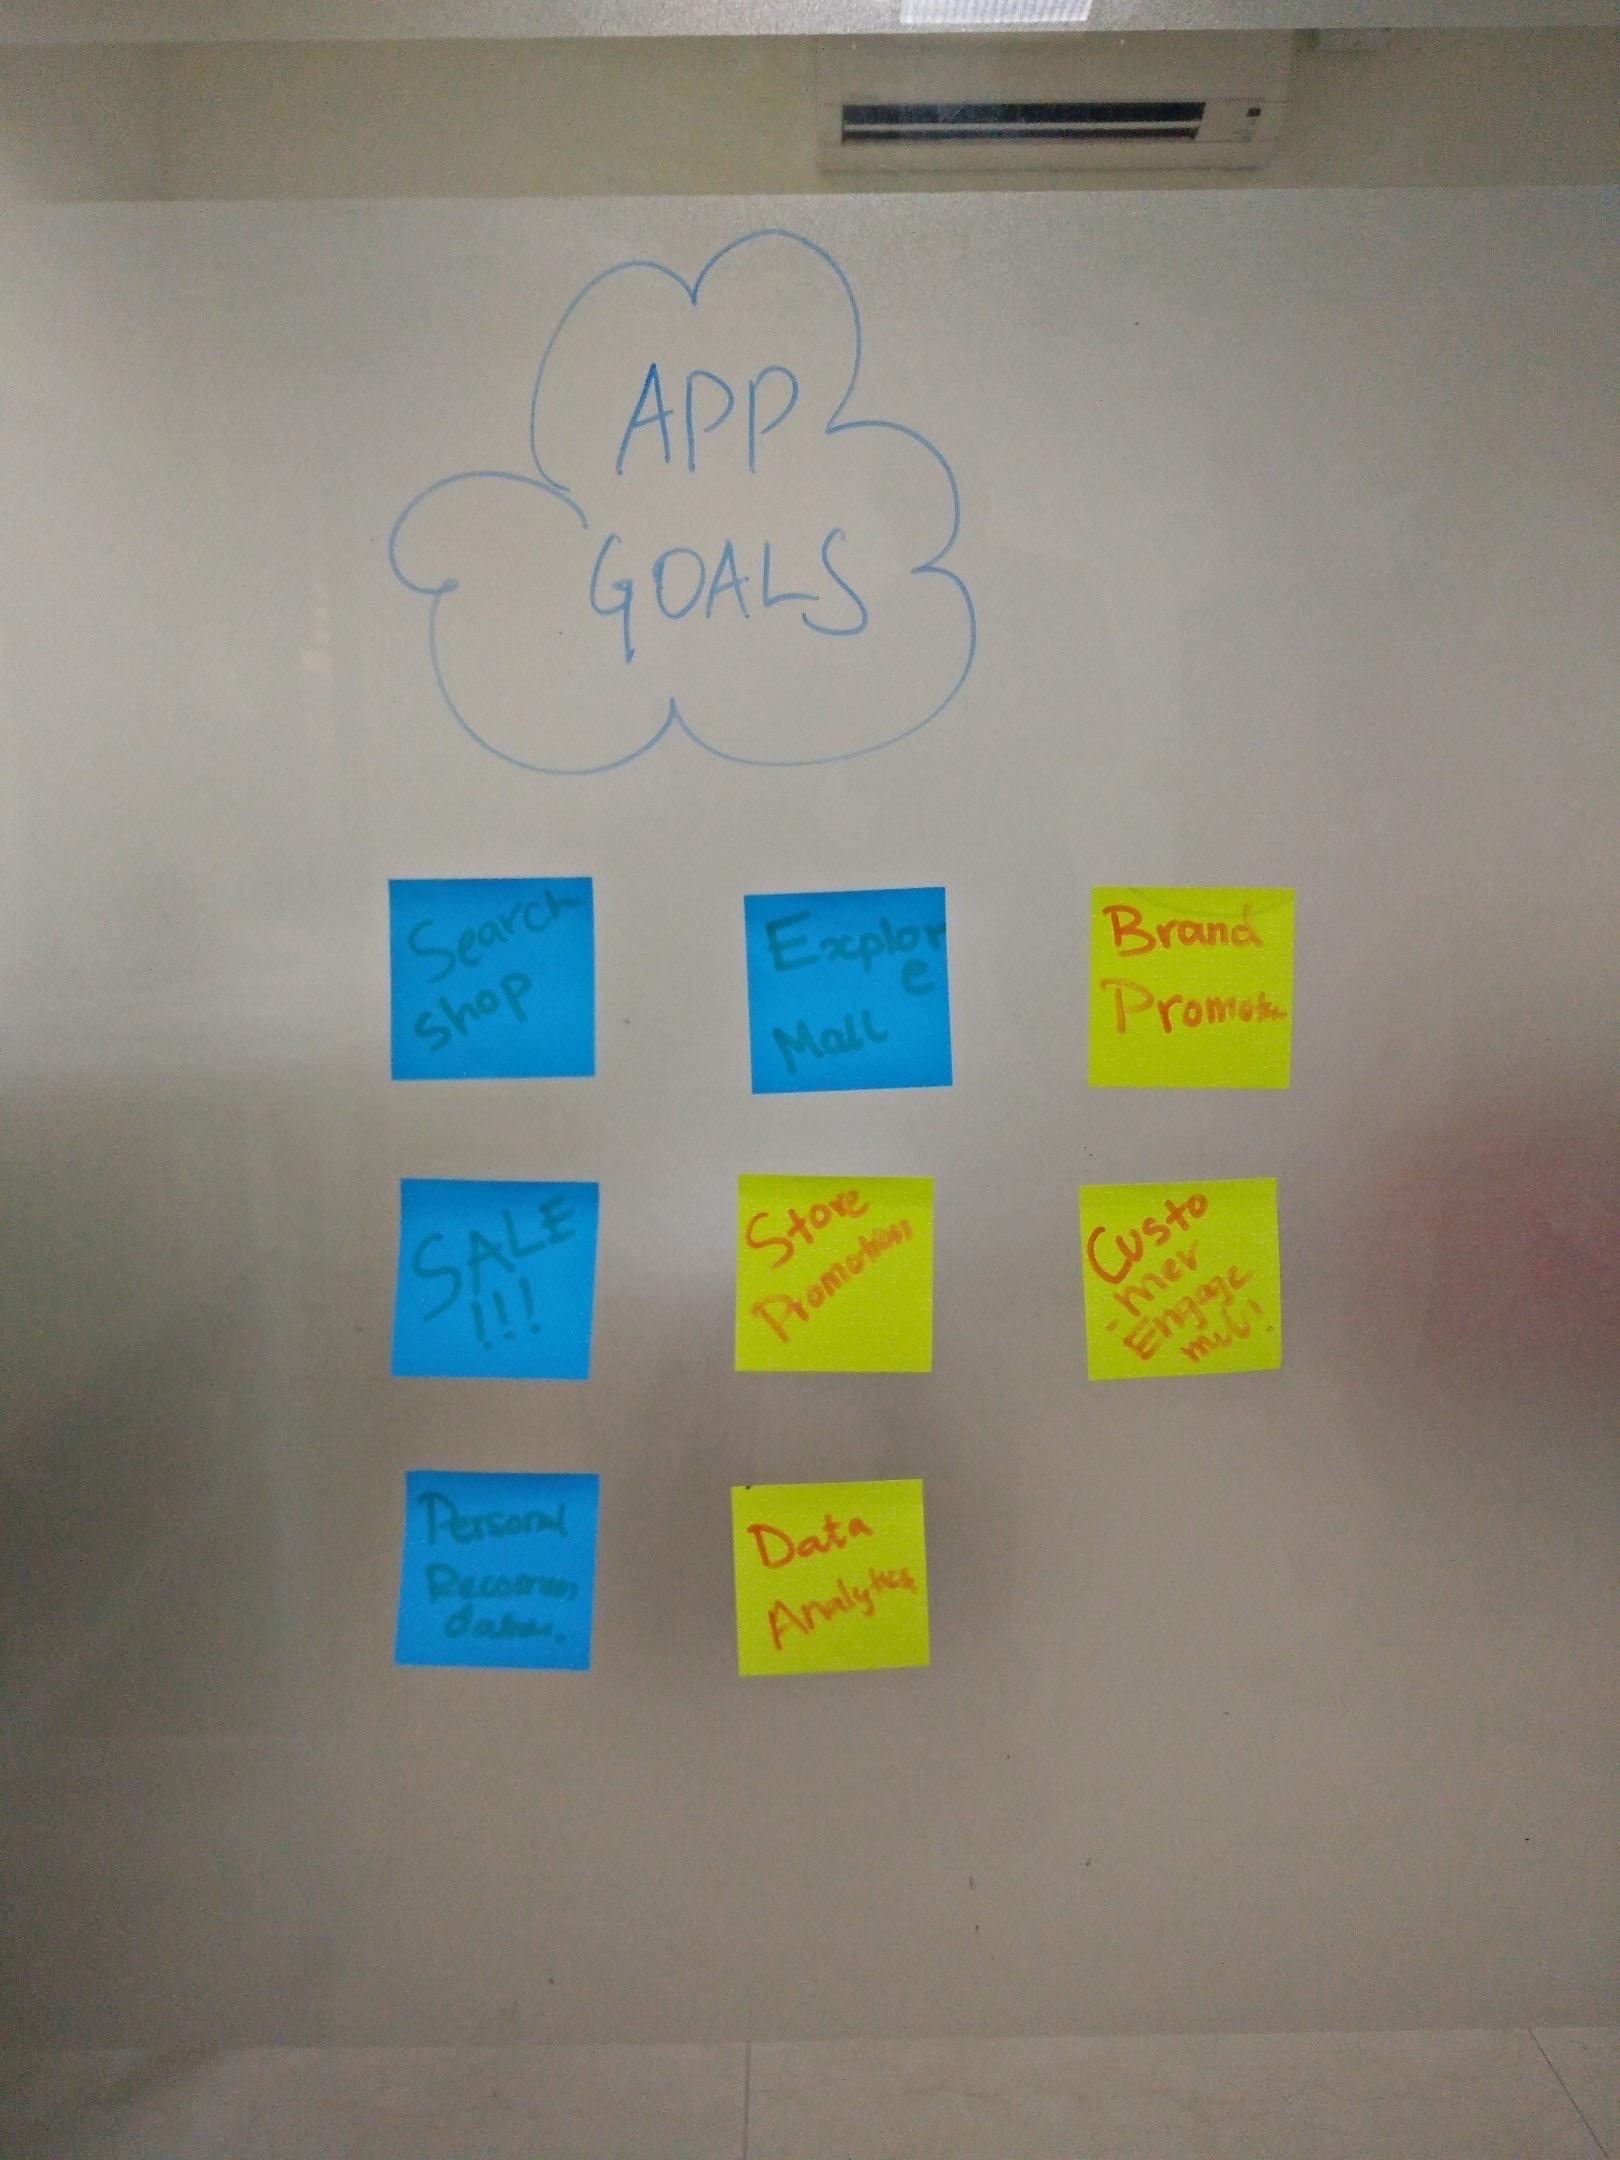 App Goals for Malls